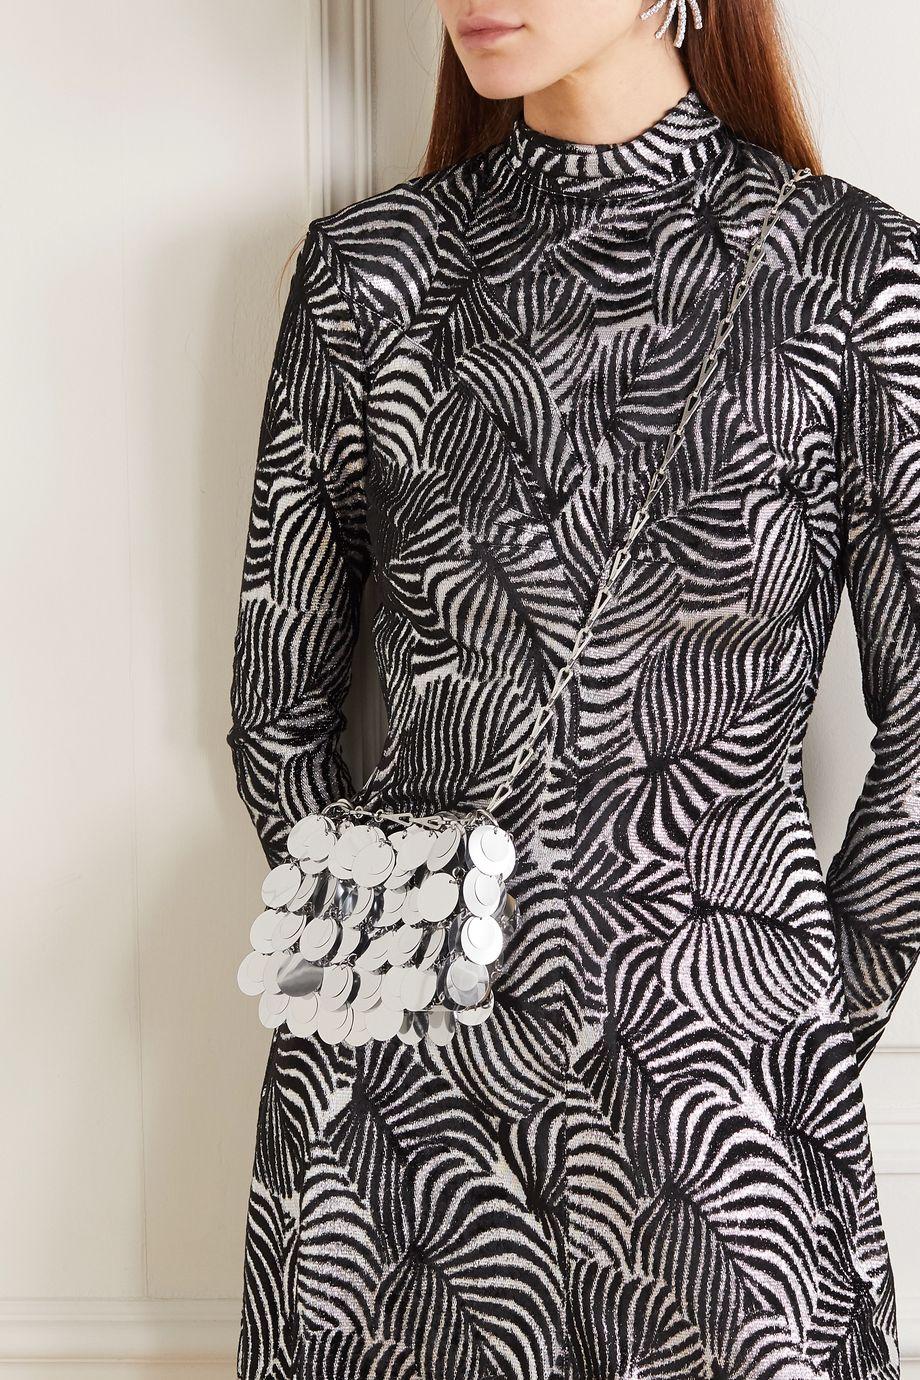 Paco Rabanne Iconic 1969 亮片缀饰锁子甲单肩包